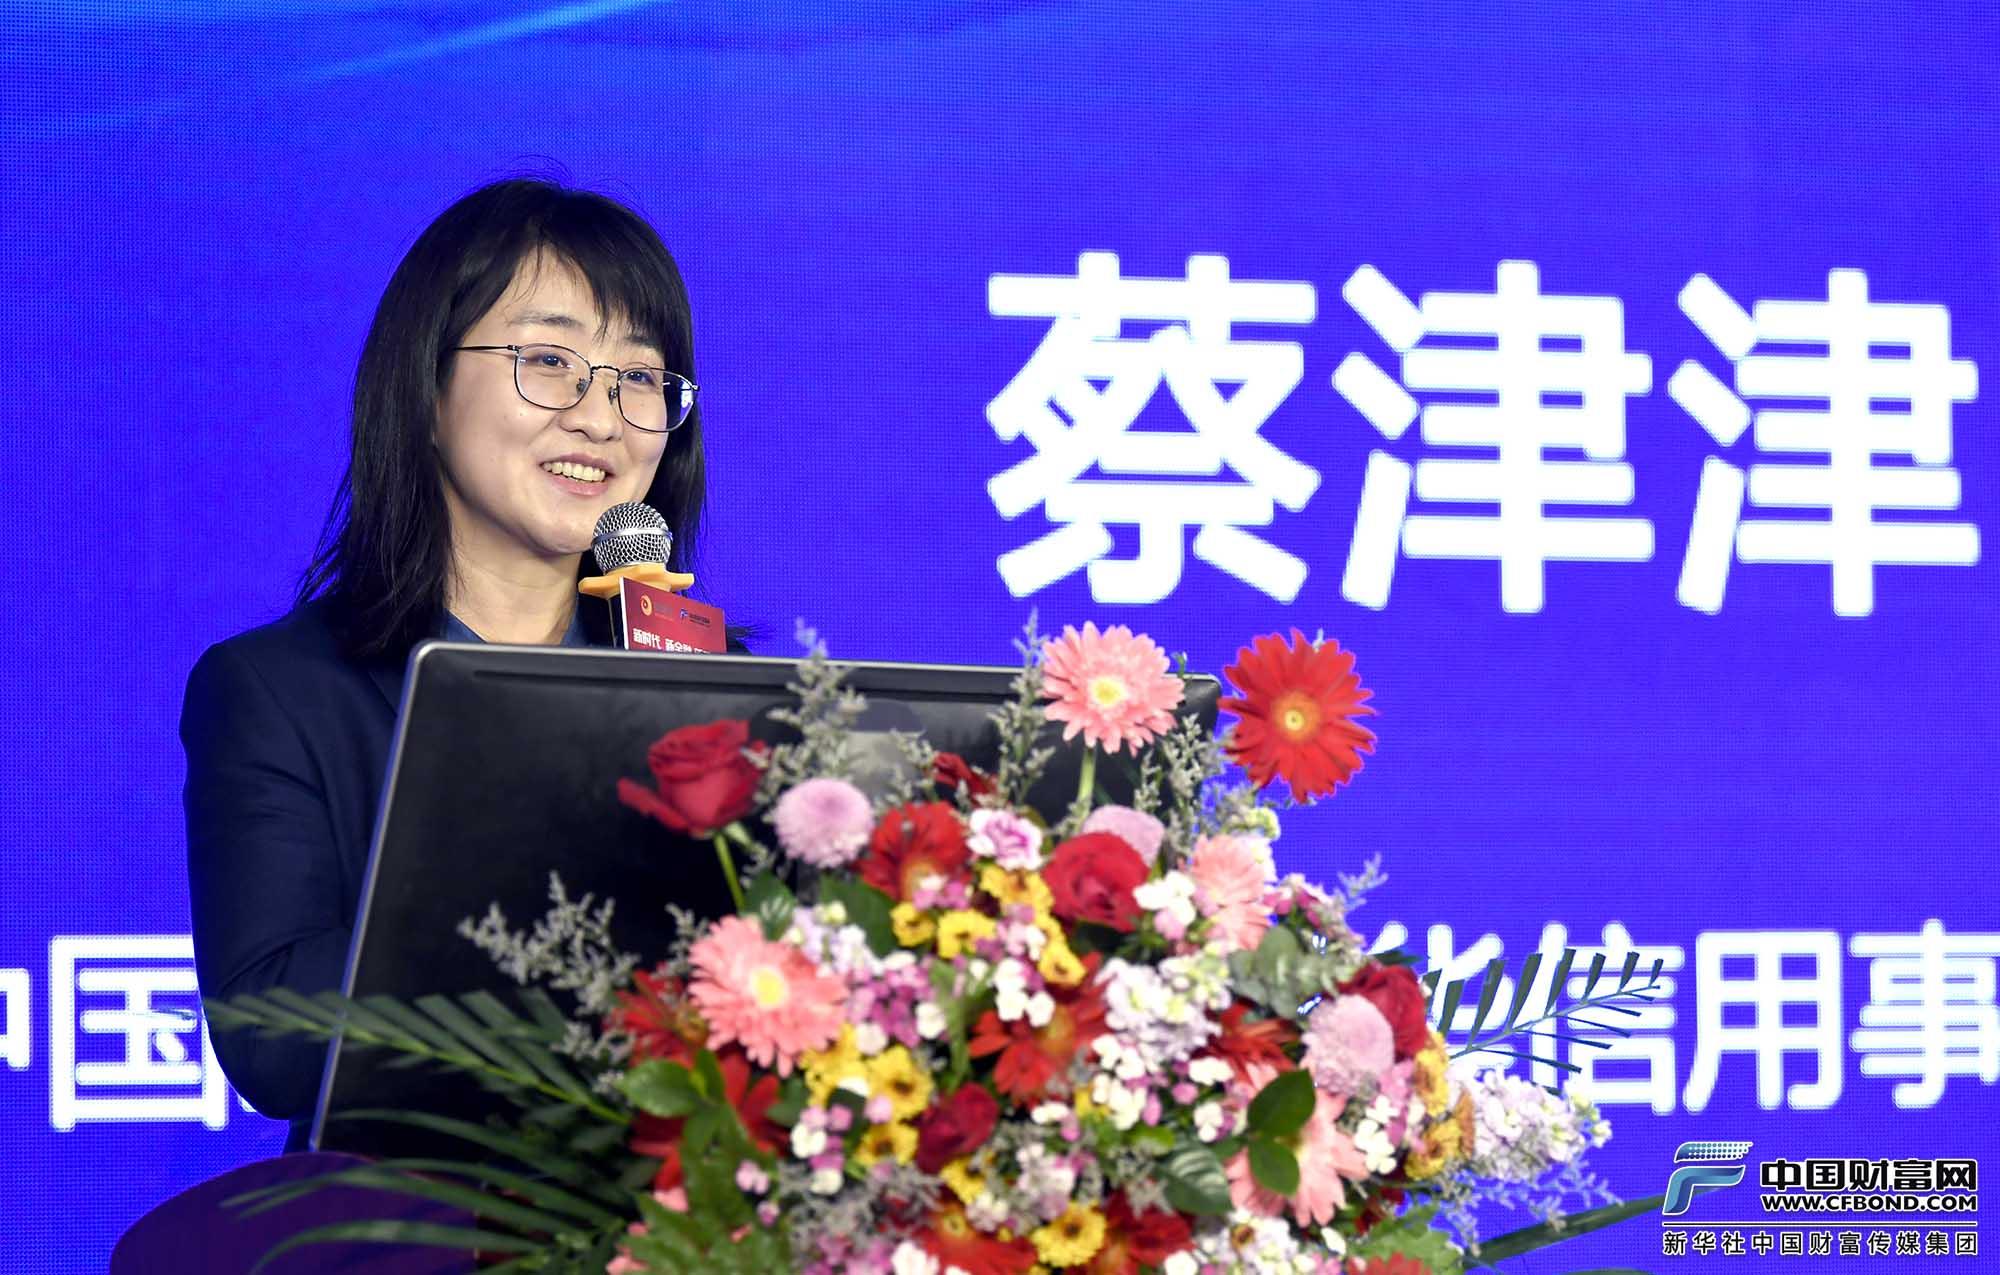 发言人:中国经济信息社新华信用事业部副总经理蔡津津